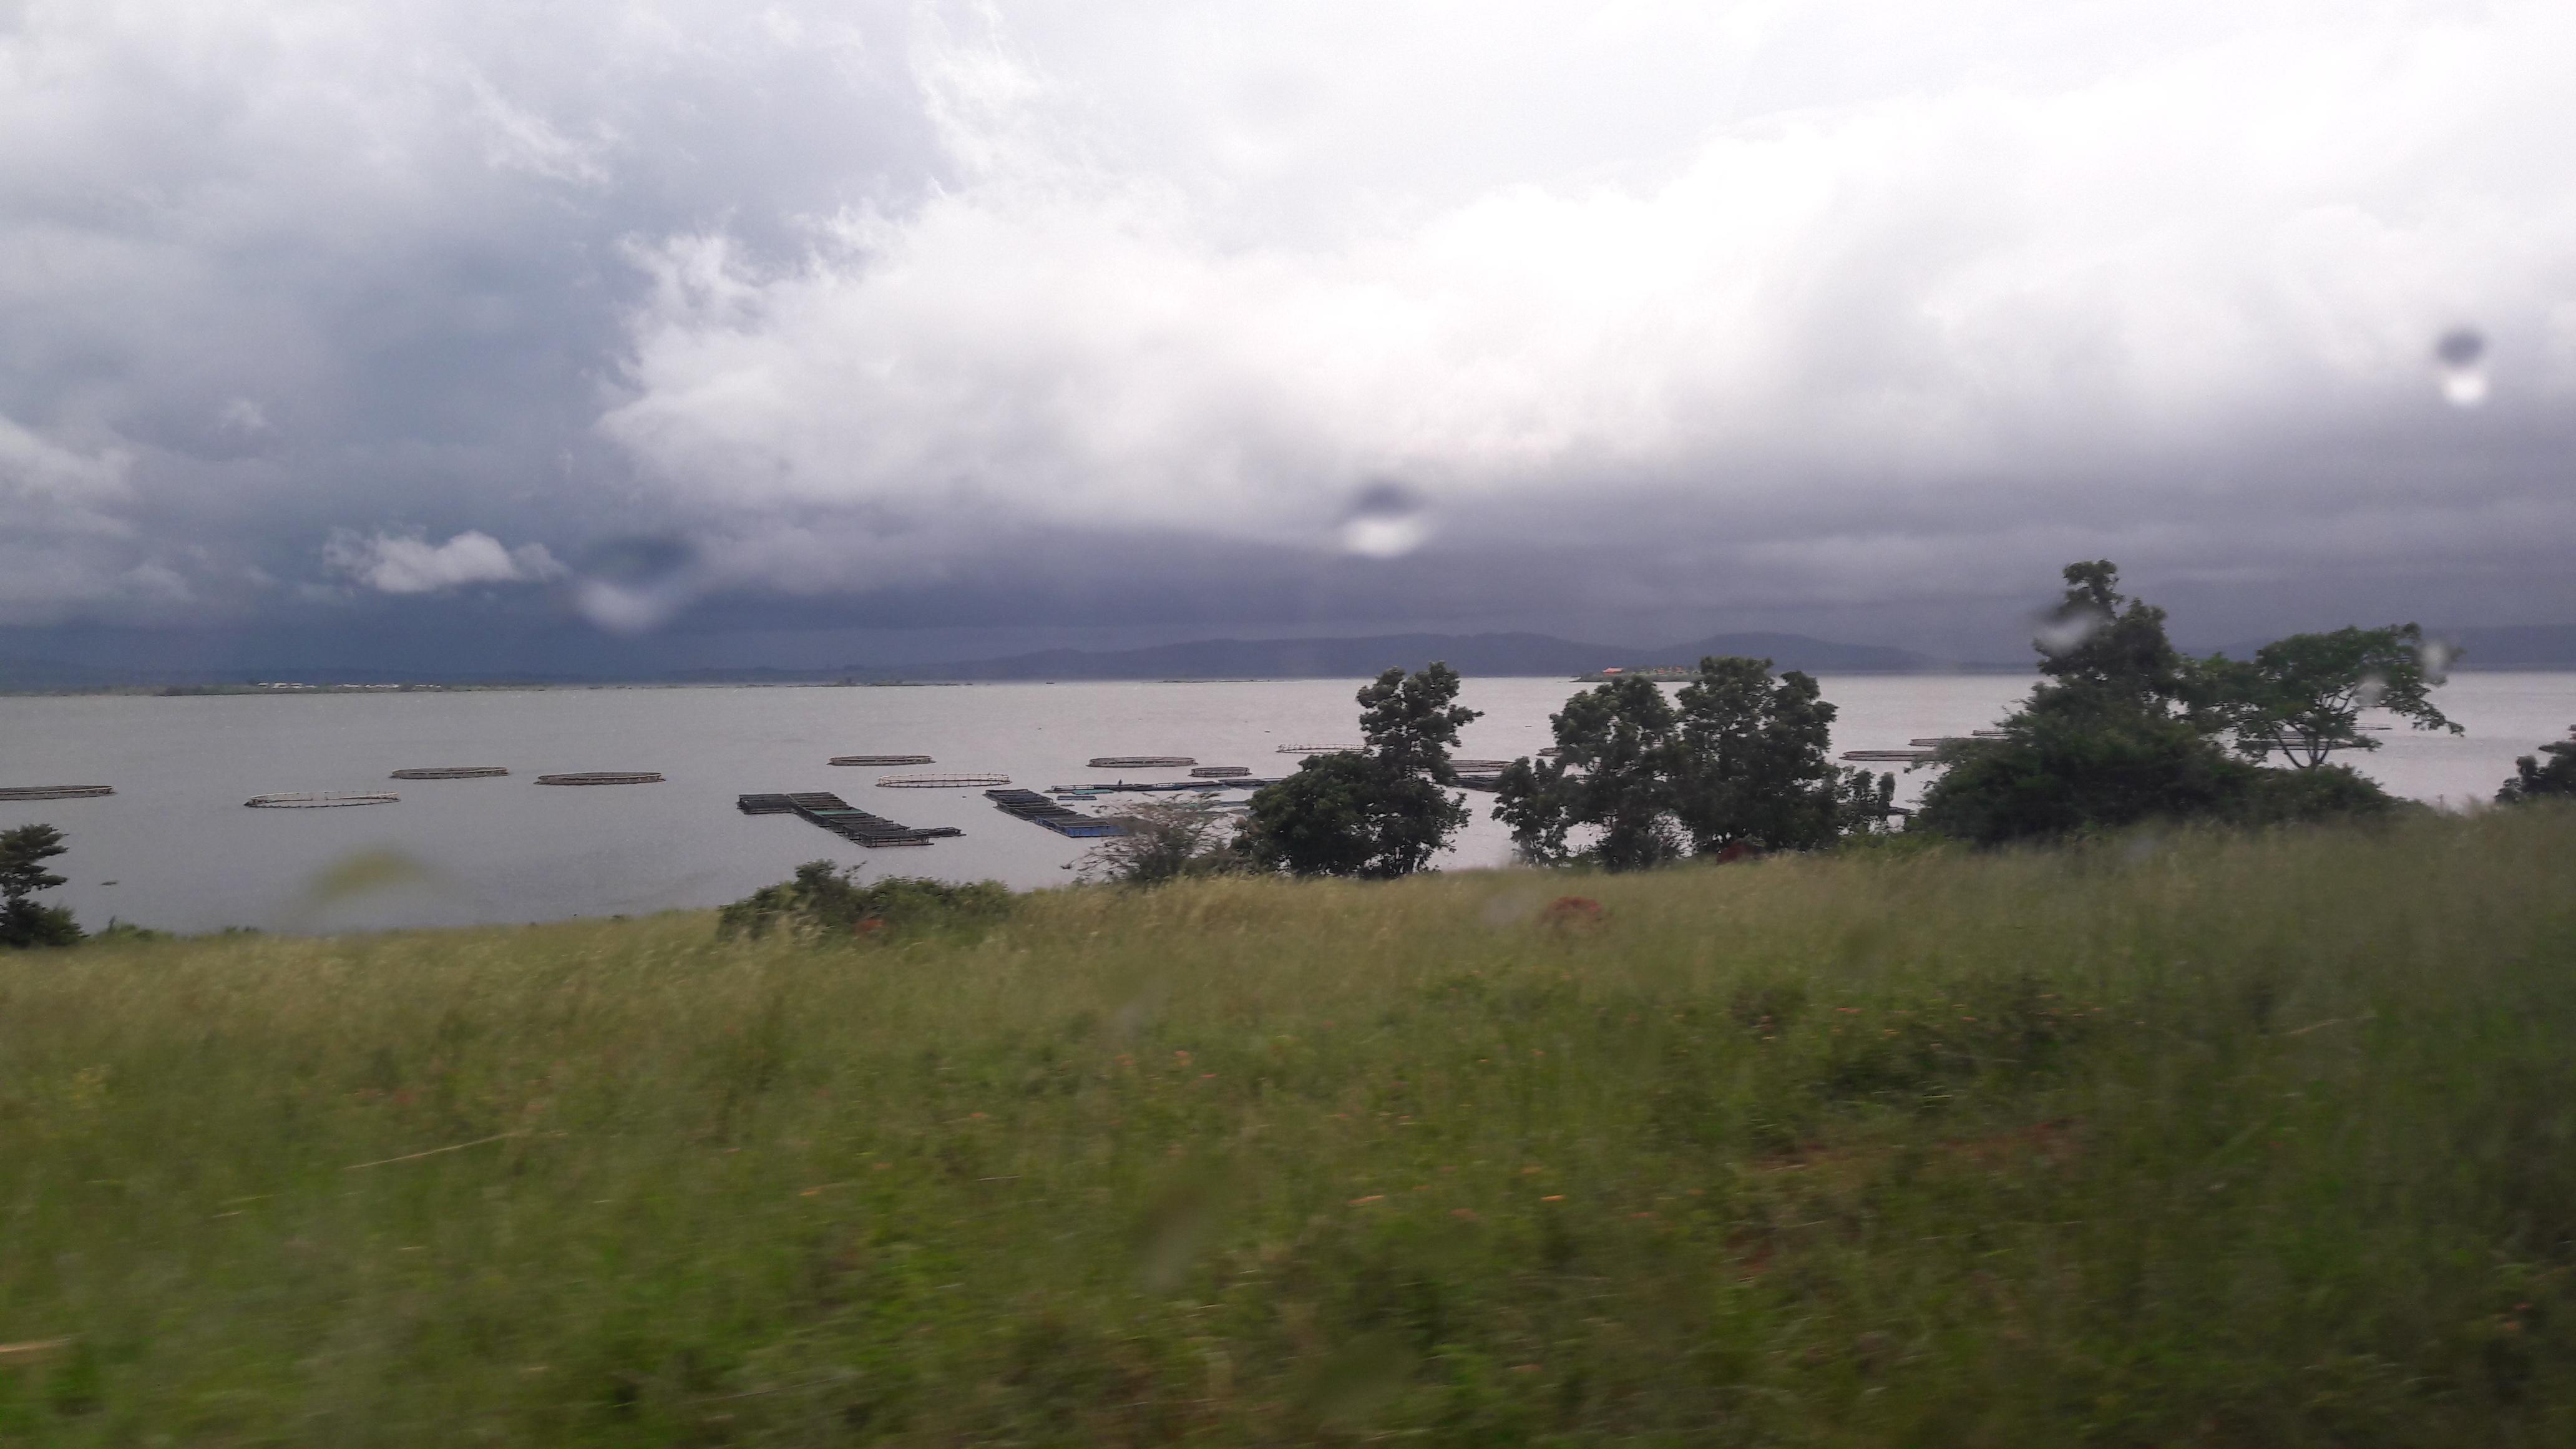 jinya-bay-at-nile-river-iginvest-apr18